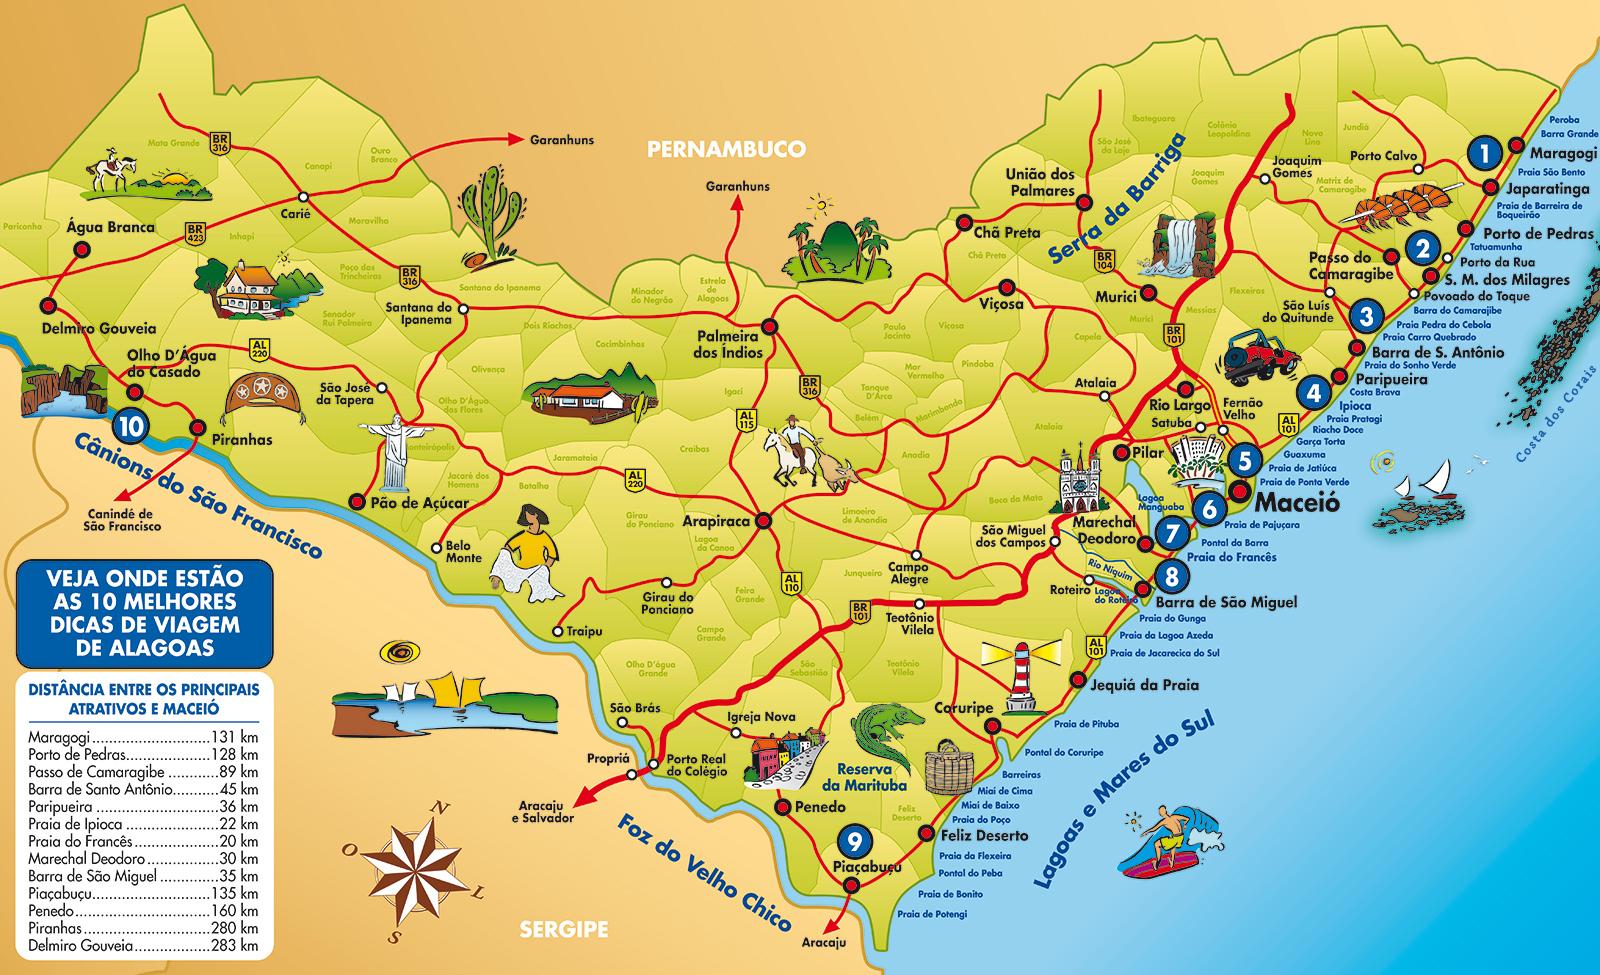 Mapas do Estado de Alagoas